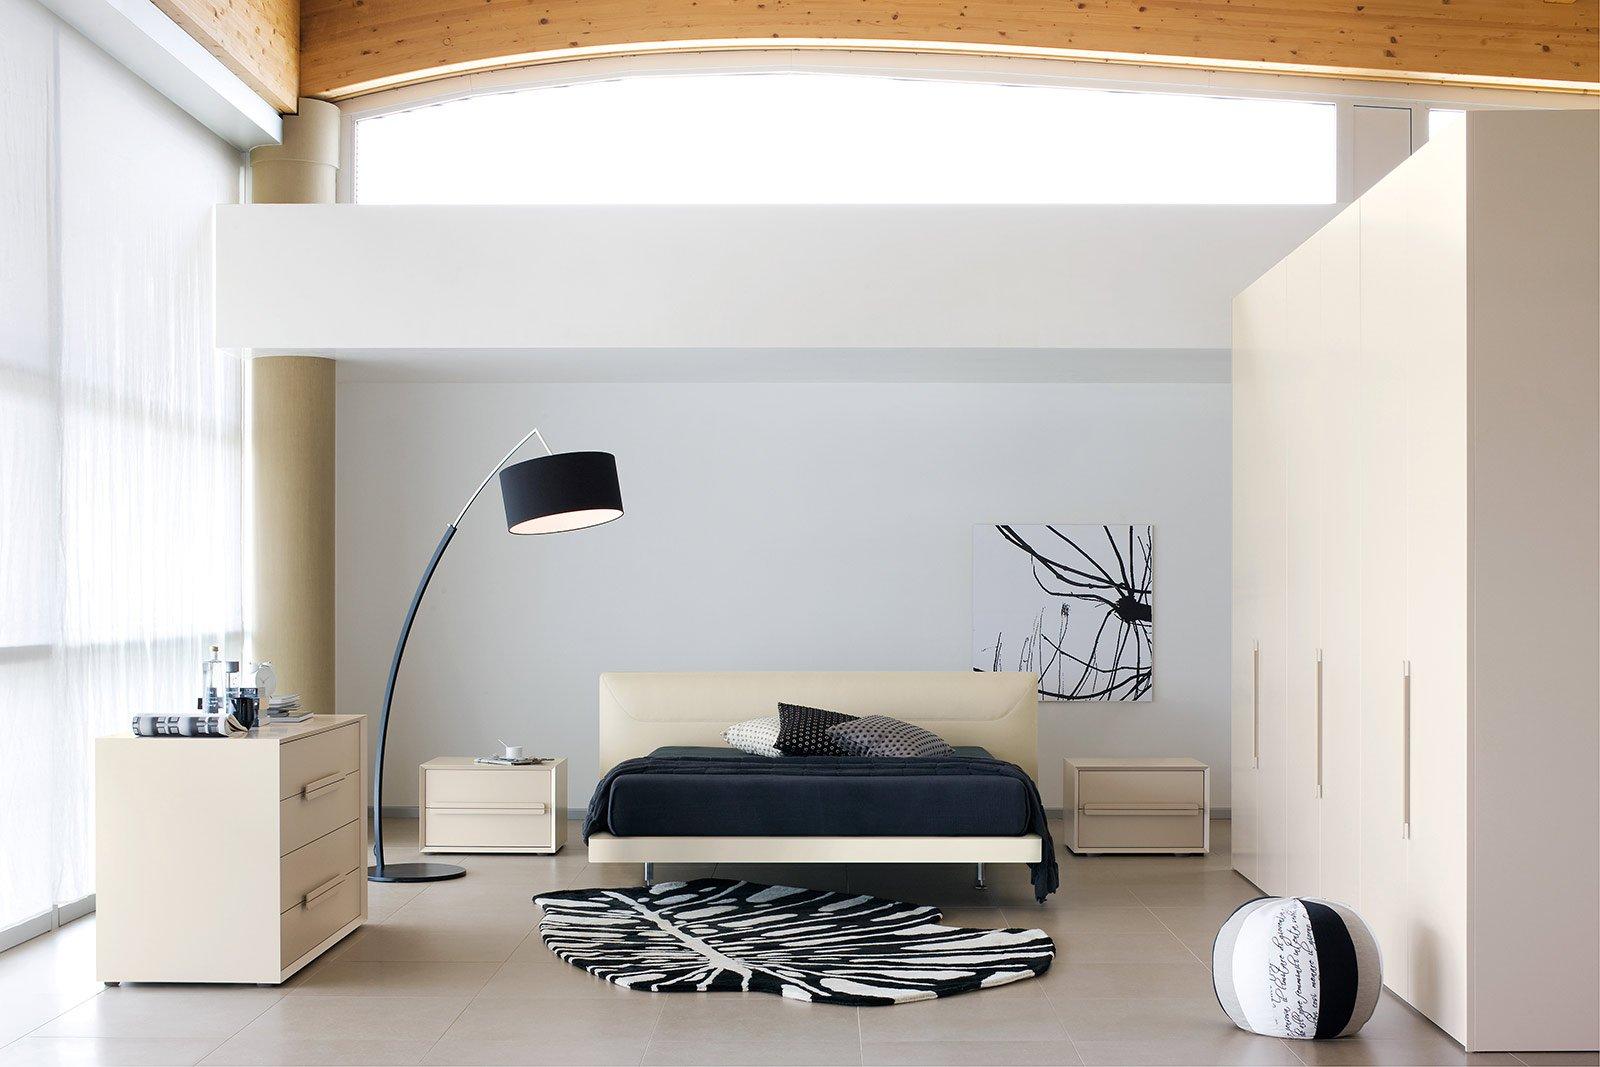 Biancheria per la camera cose di casa - Biancheria per il letto on line ...